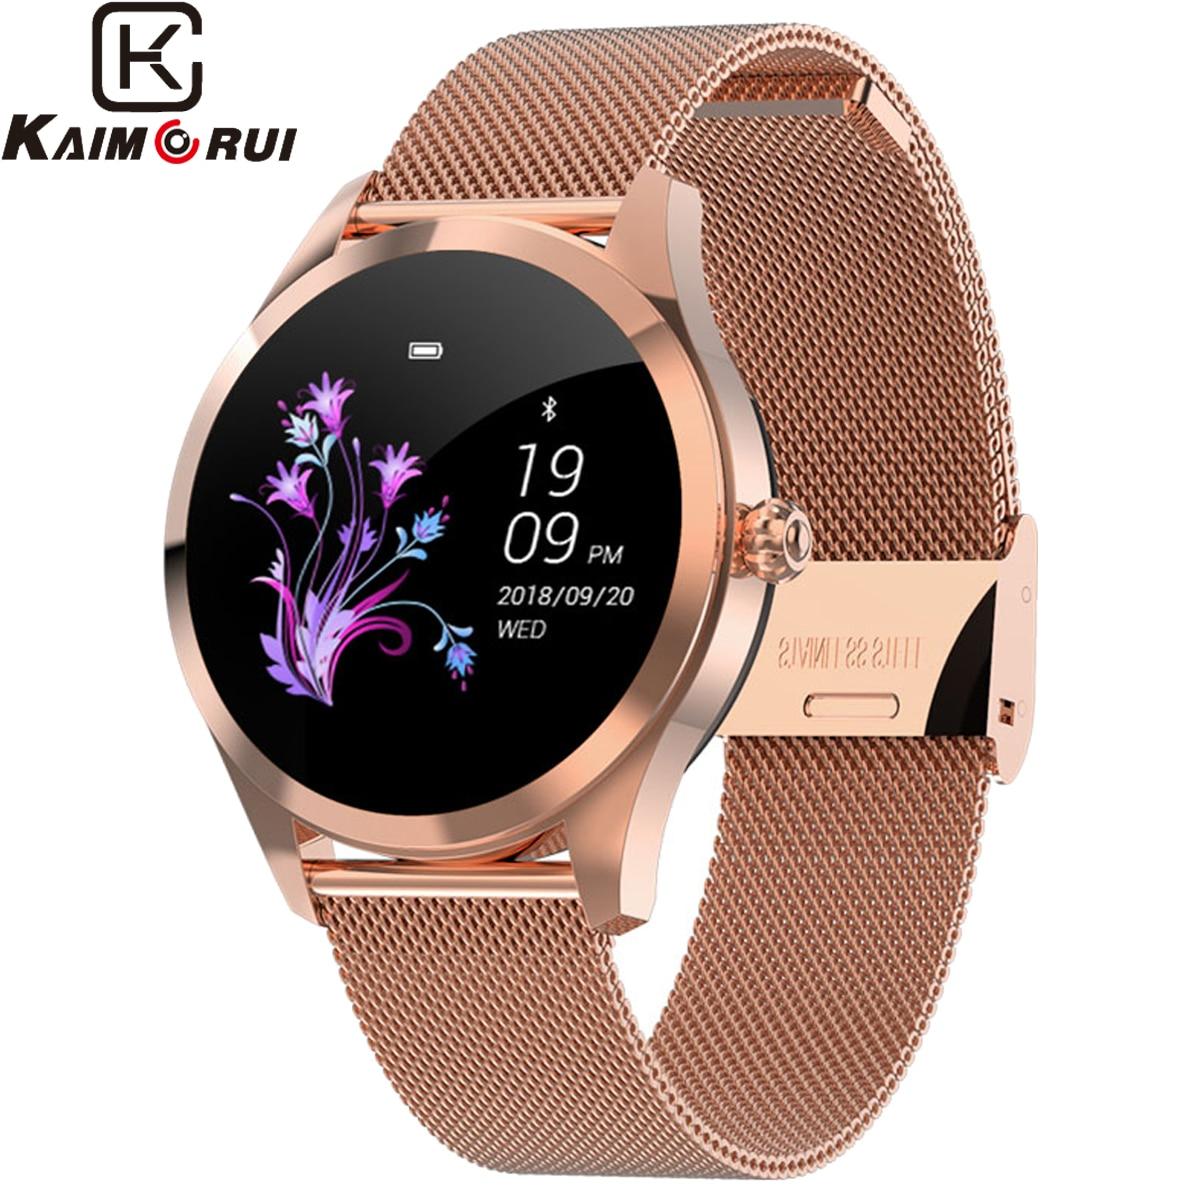 2019 Novo Relógio da Frequência Cardíaca Do Bluetooth Inteligente Relógio Inteligente Mulheres KW10 IP68 Ciclo Fisiológico Smartwatches À Prova D' Água Relógio para IOS